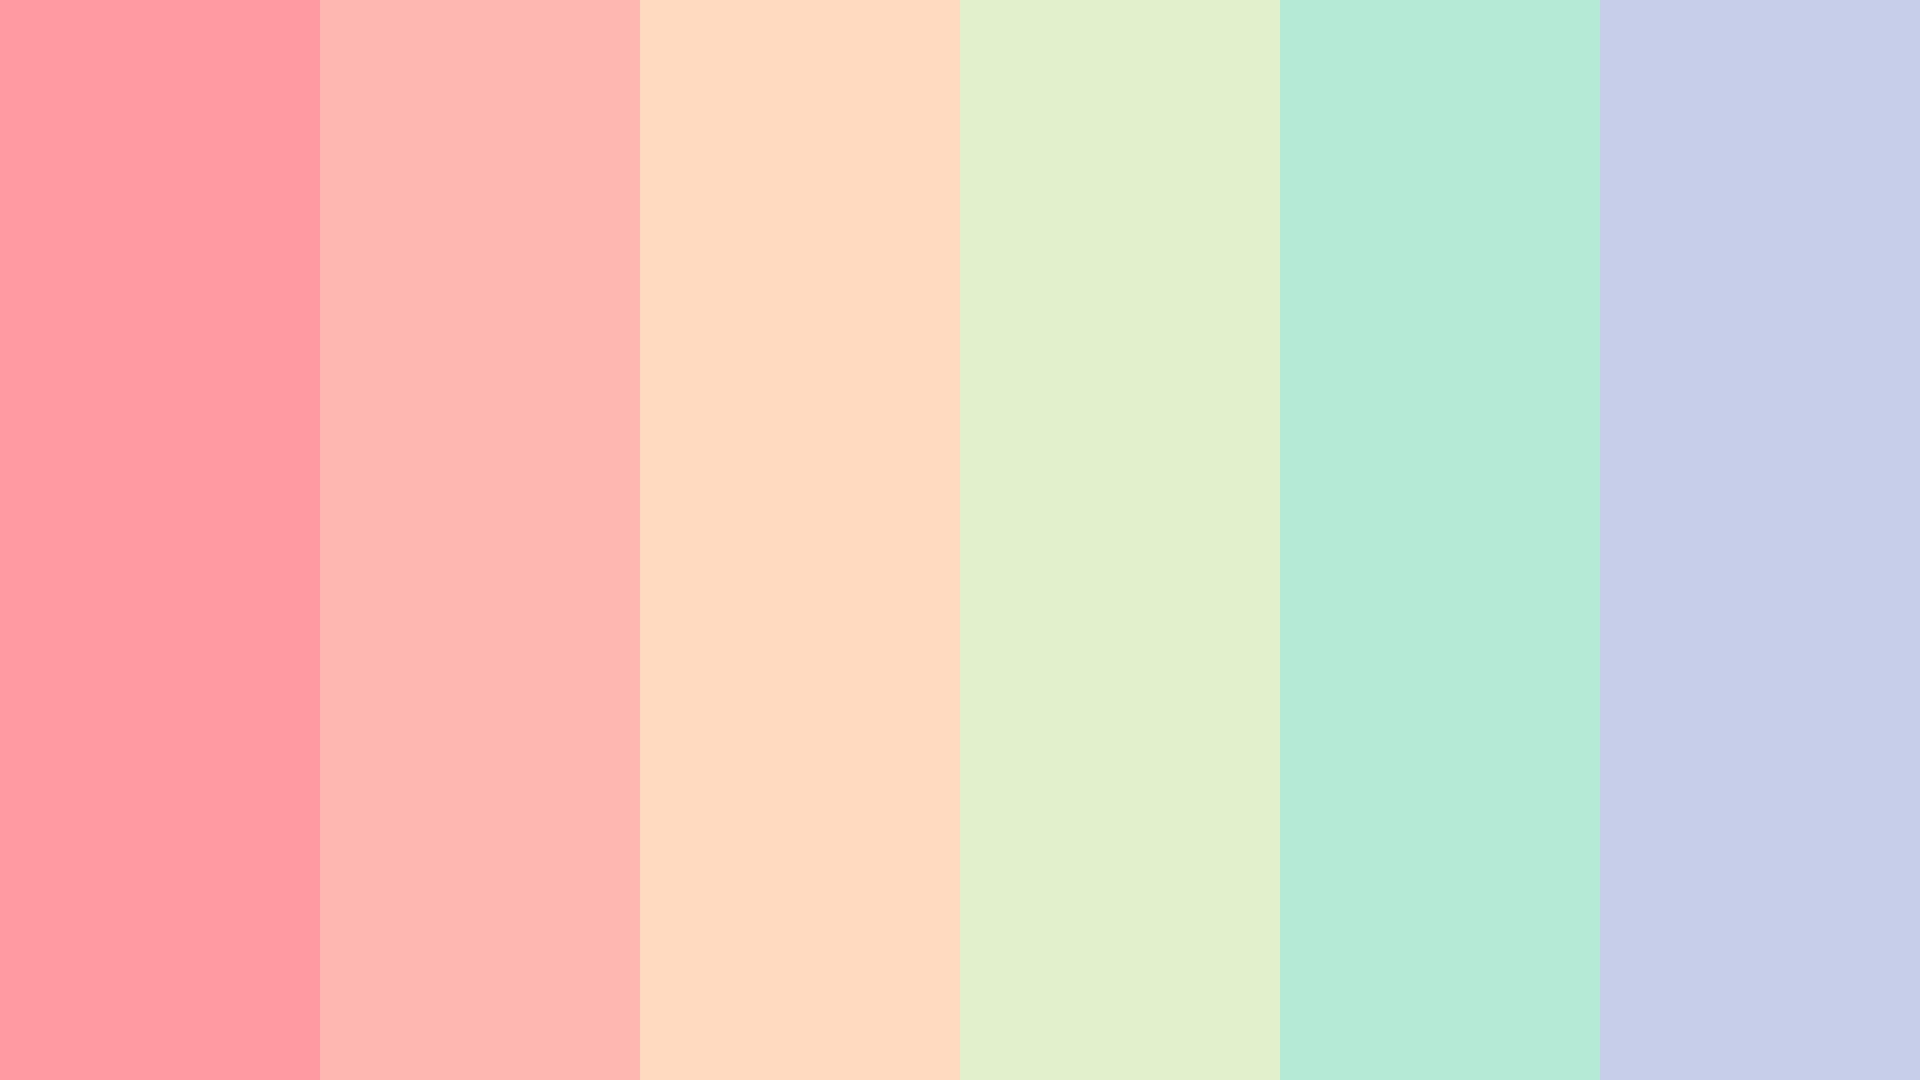 6 nguyên tắc giúp bạn mặc đẹp với tông màu pastel